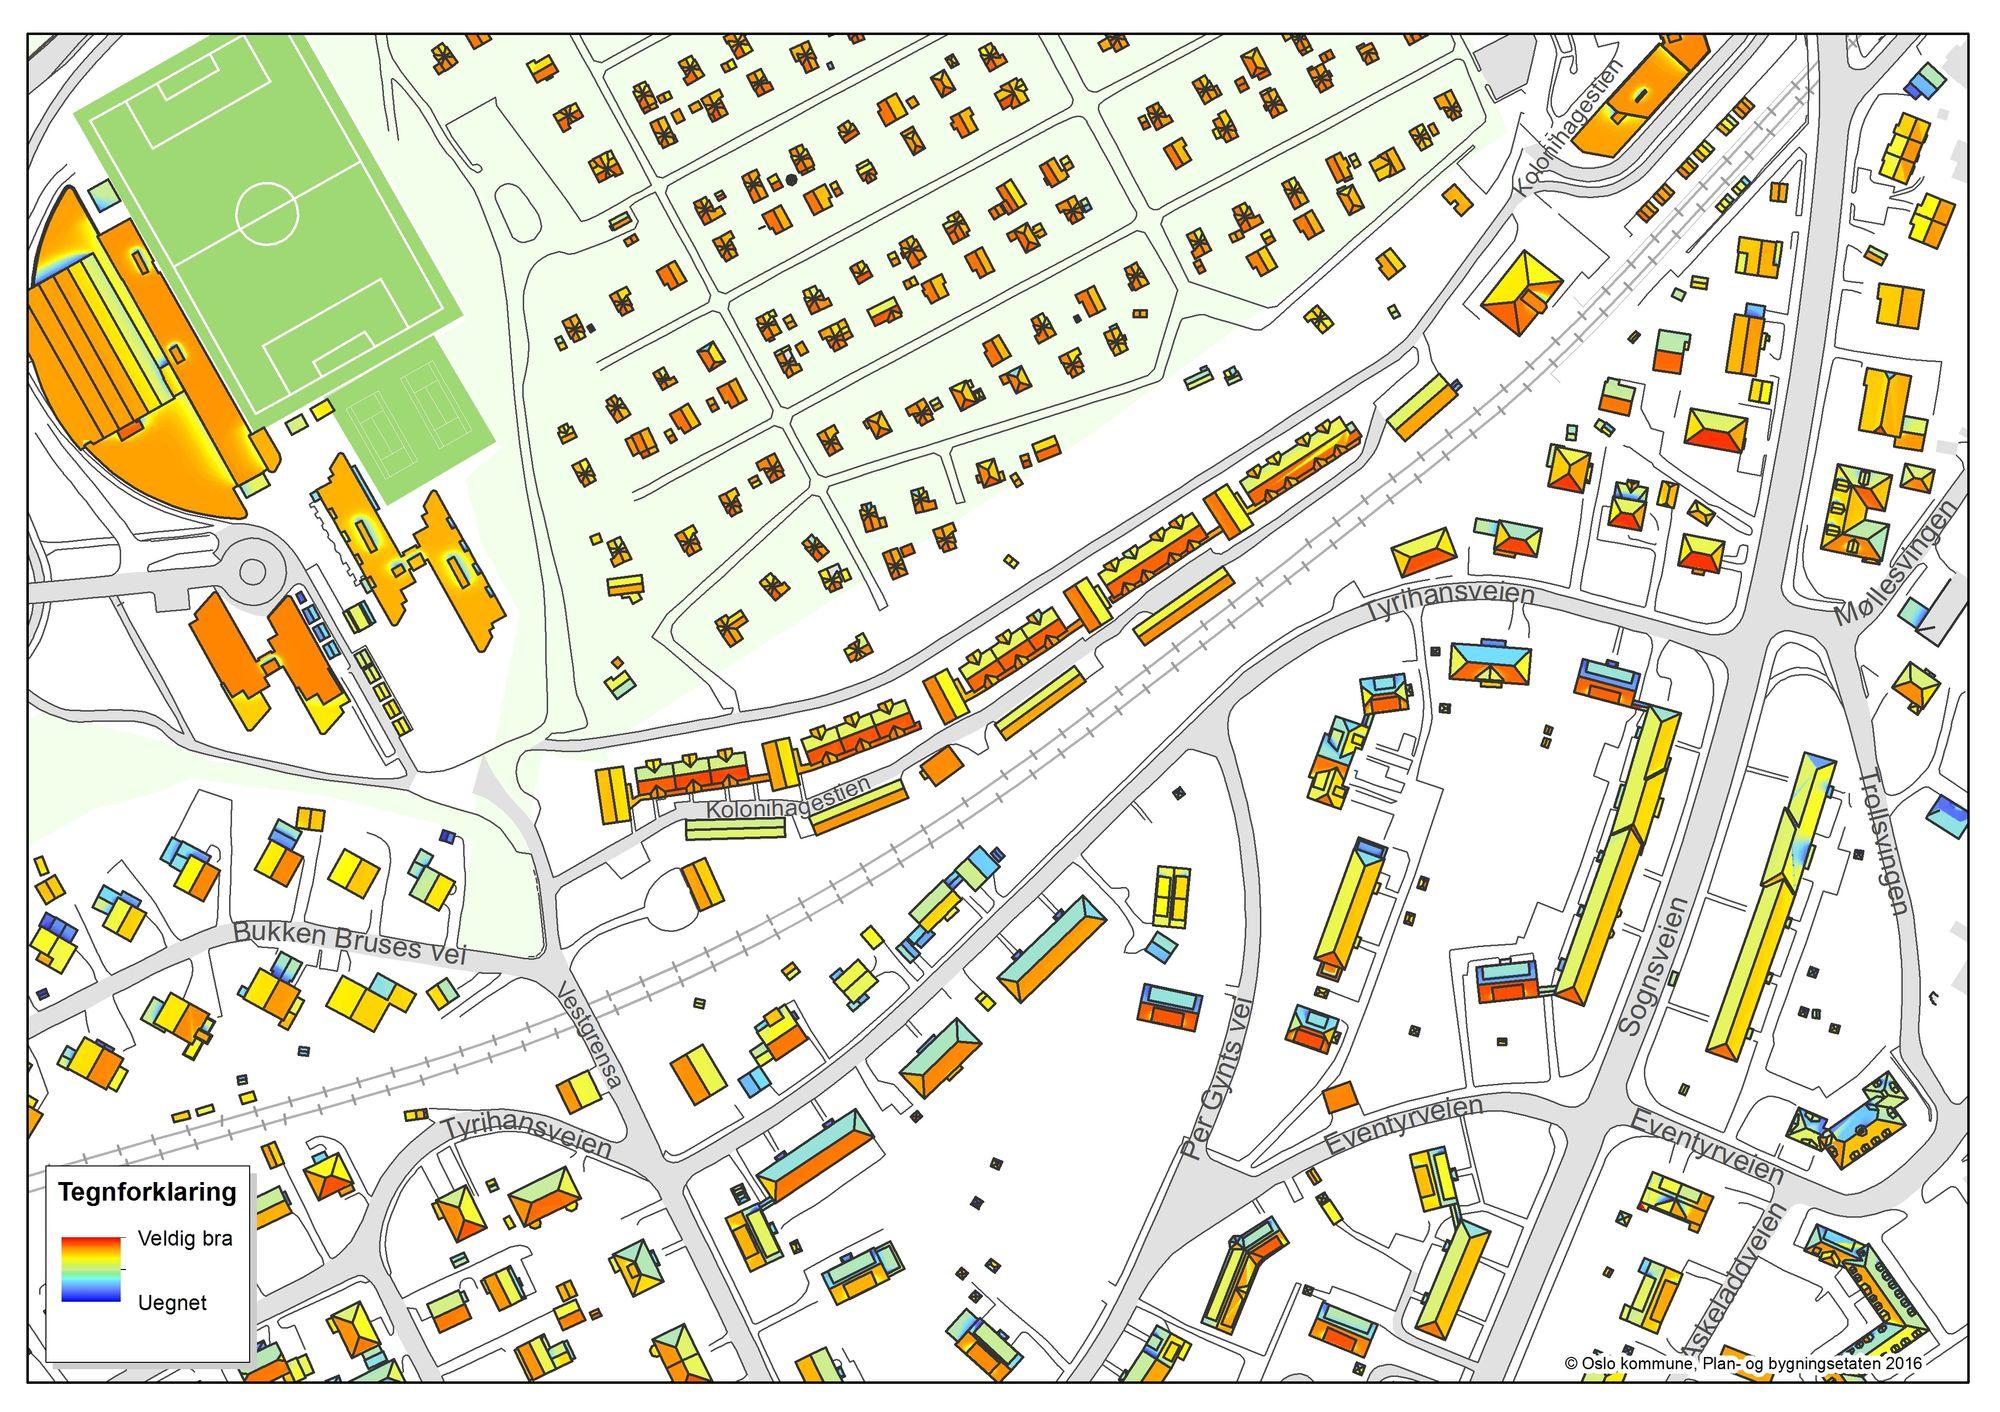 Detaljert: Oslo kommune jobber med å lage et pålitelig solkart over alle gateadresser i Oslo, som viser hvor mye solenergi hvert enkelt tak potensielt kan produsere.